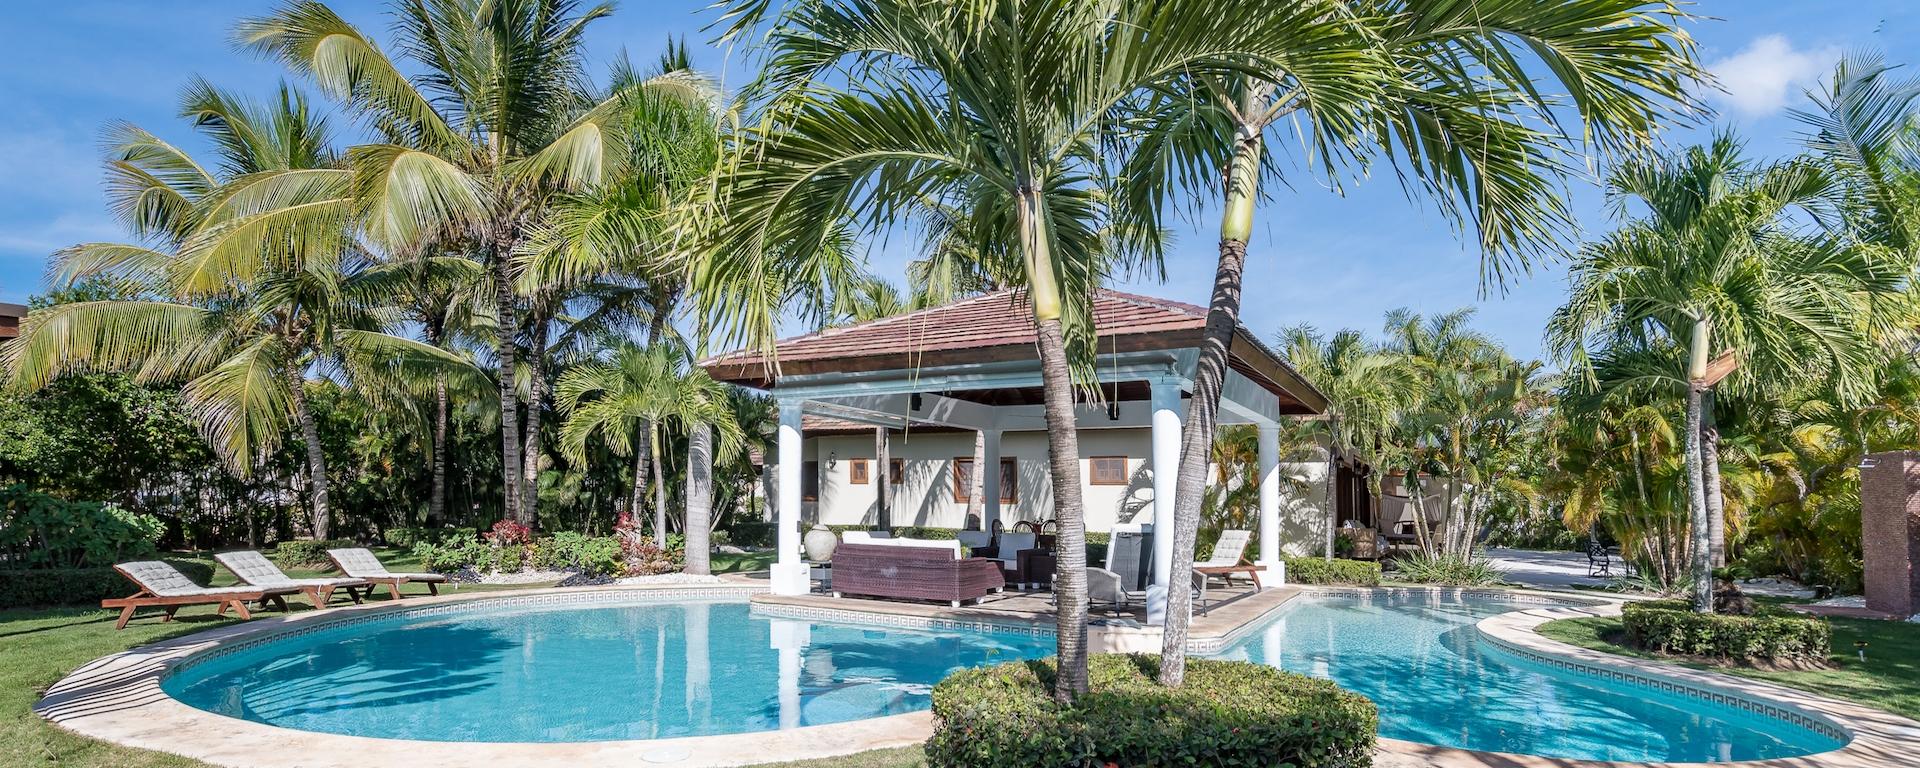 Villa Wyss Punta Cana